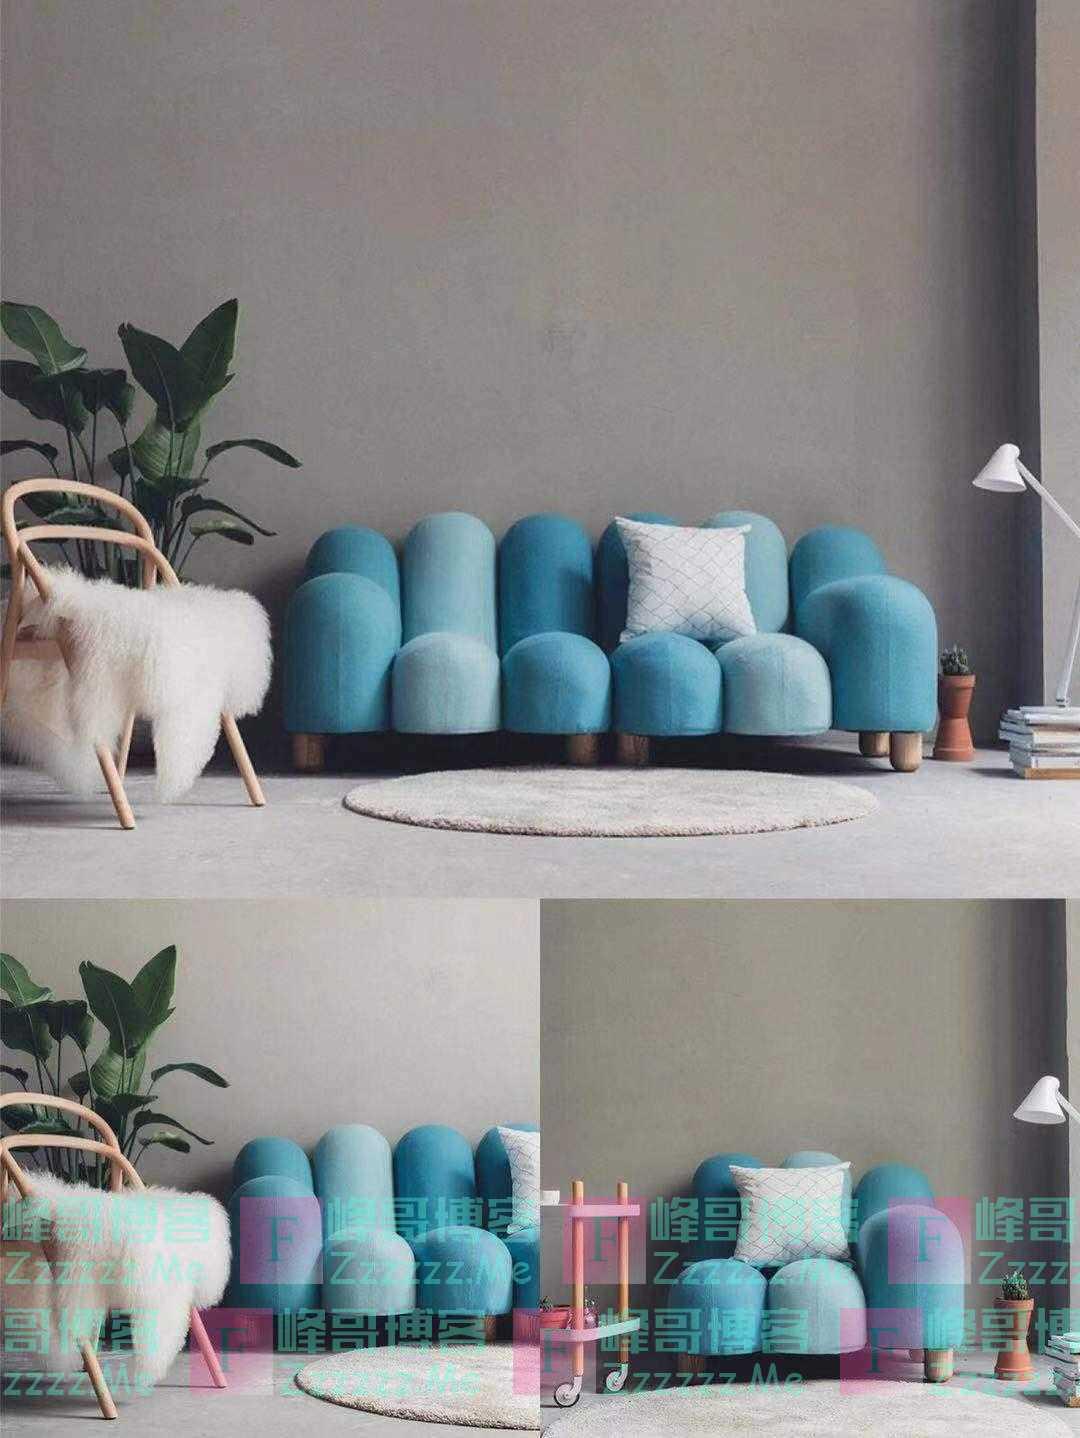 好物|用亮色打造宅家空间的悠闲假日风